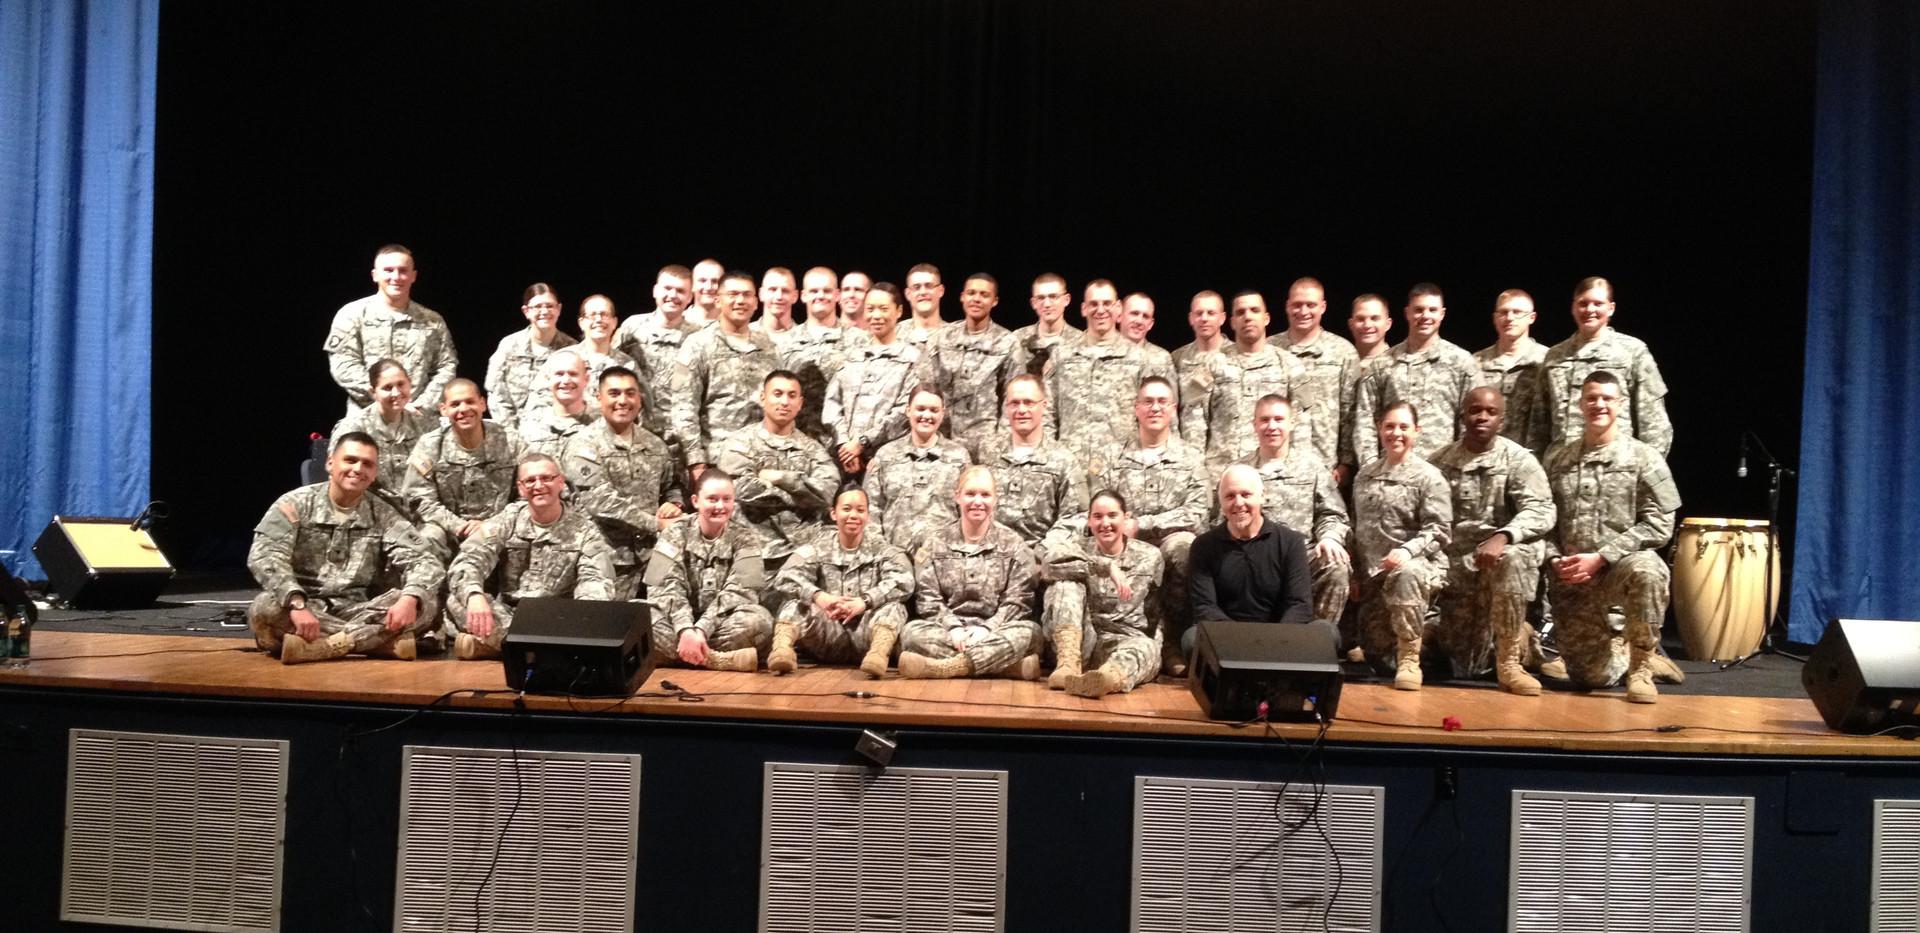 Army Band School of Music-Va. Beach, VA